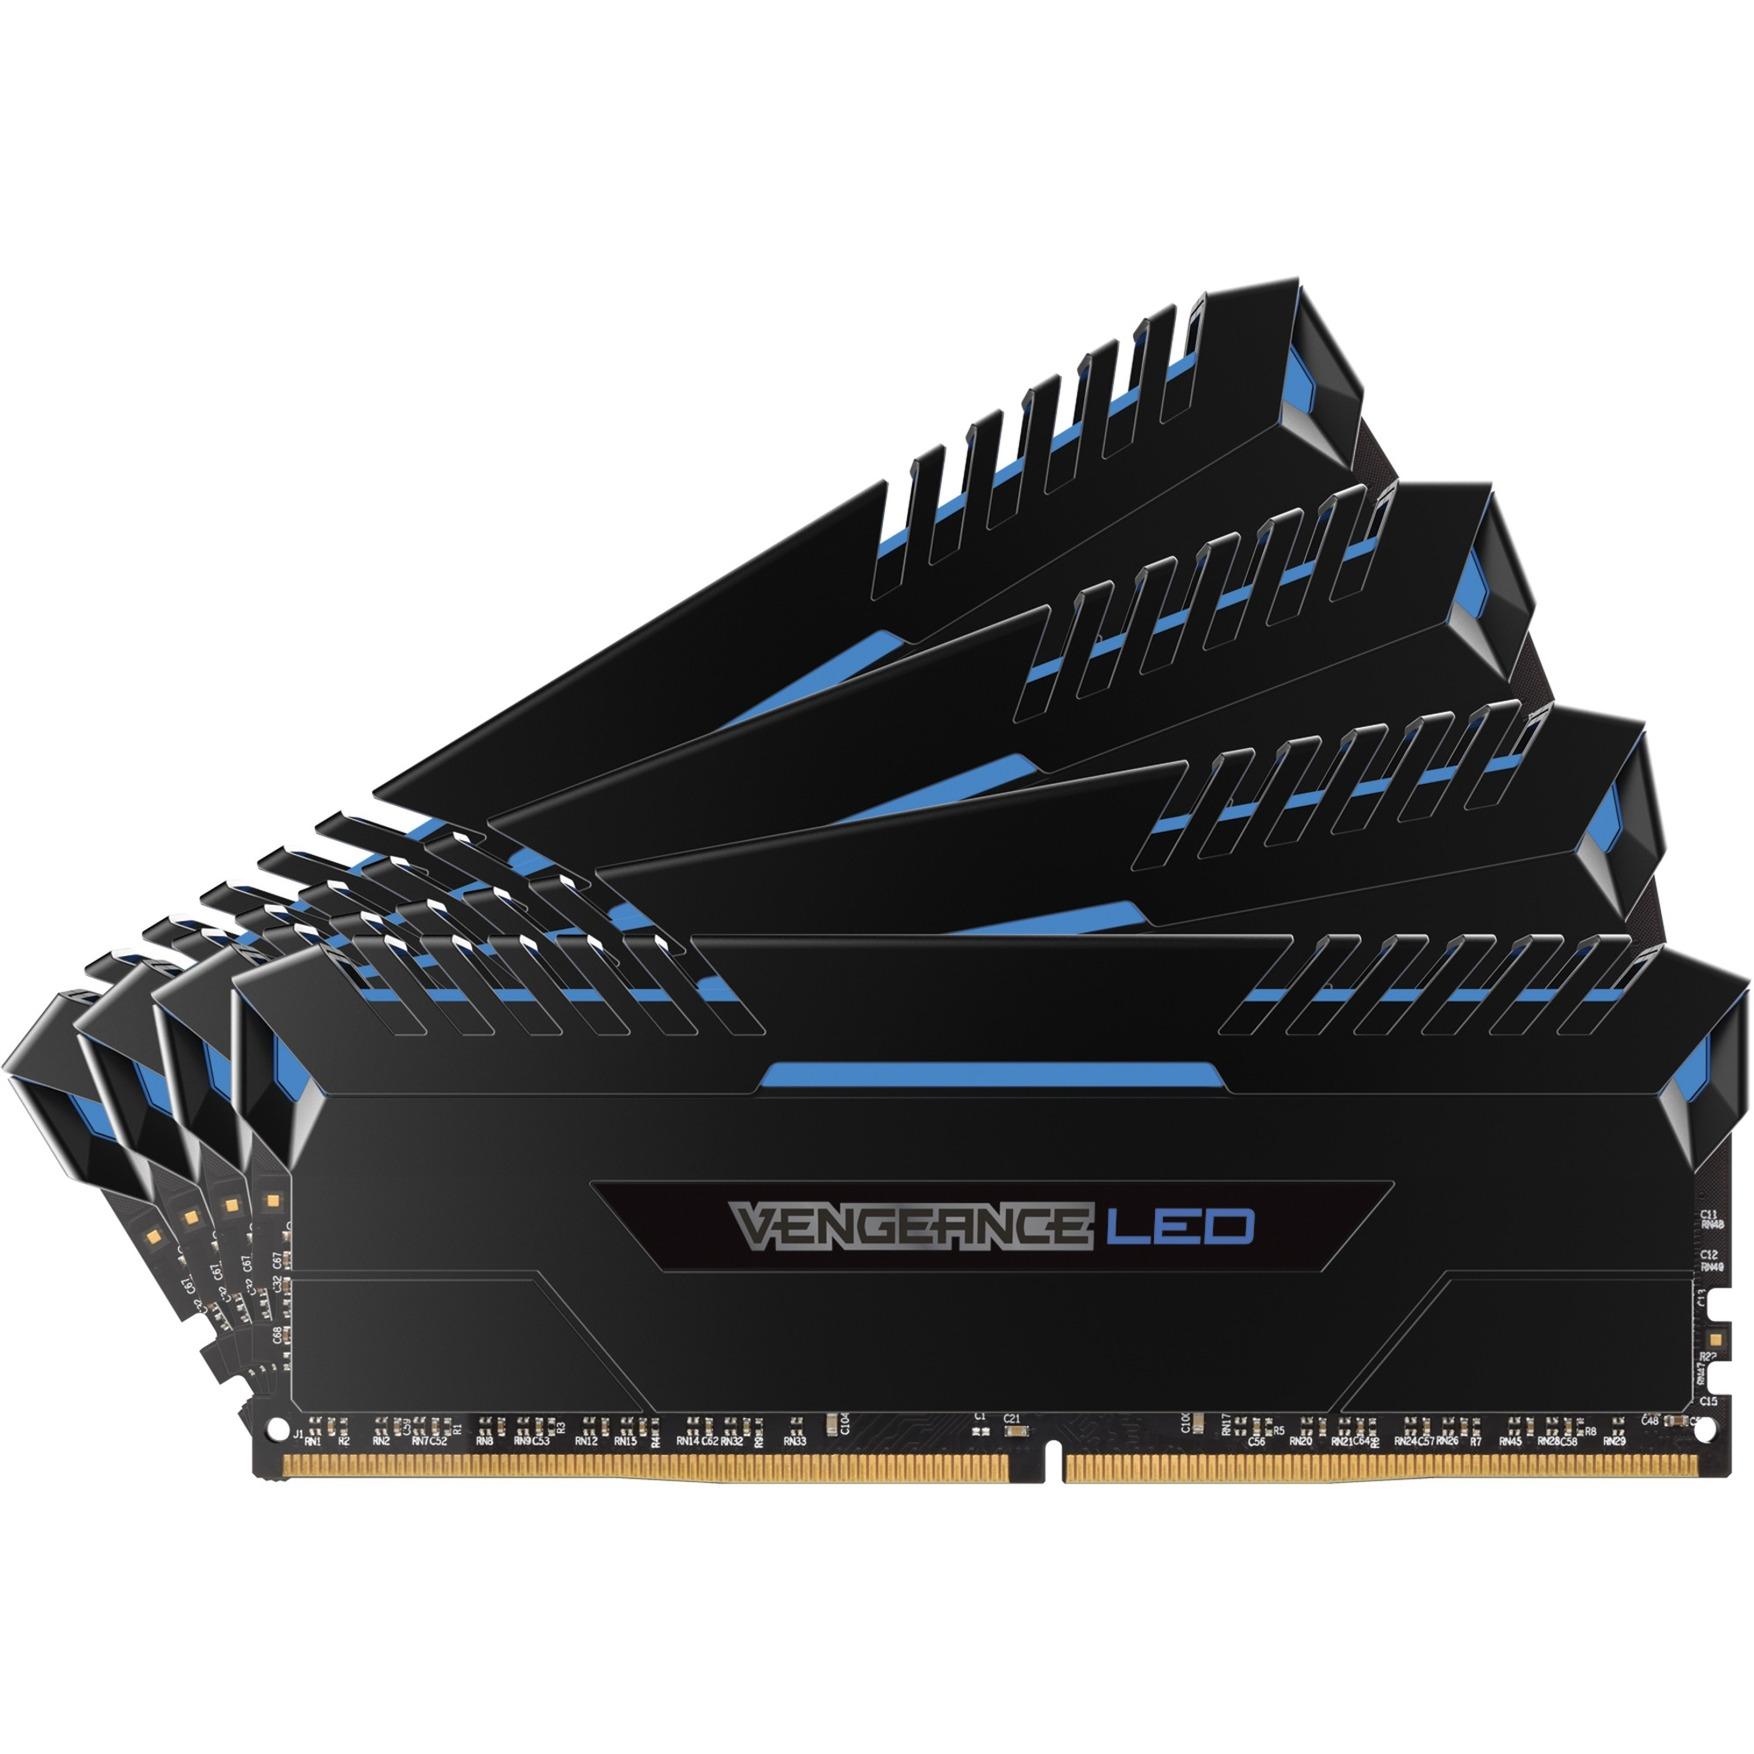 Vengeance LED 64GB (4 x 16GB) DDR4 DRAM 2666MHz C16 64Go DDR4 2666MHz module de mémoire